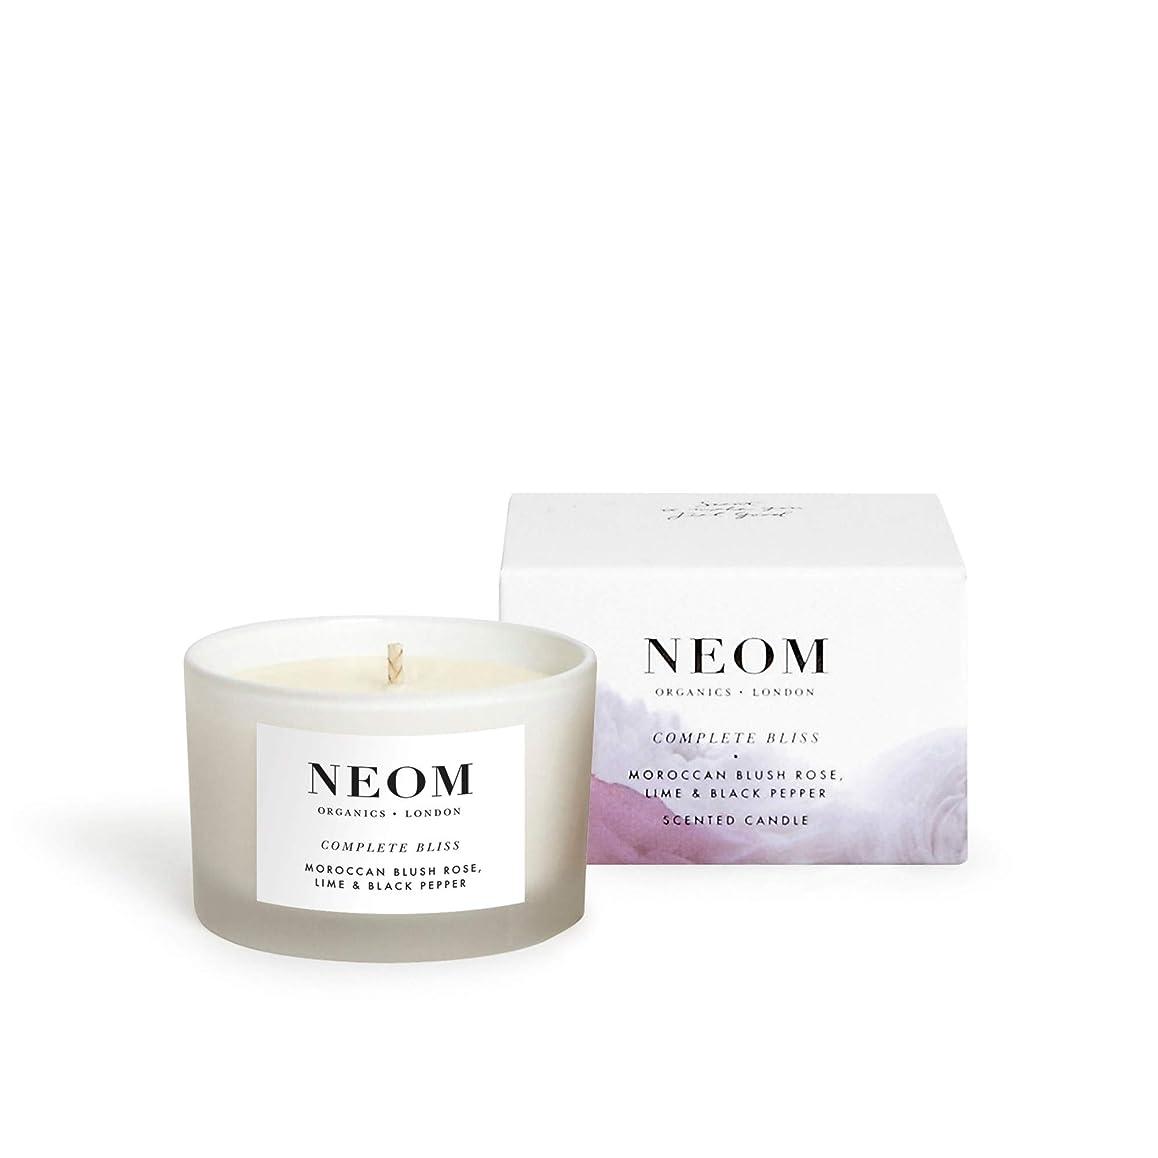 容赦ないミニ支払い[Neom] Neom完全な至福の旅行キャンドル75グラム - Neom Complete Bliss Travel Candle 75g [並行輸入品]